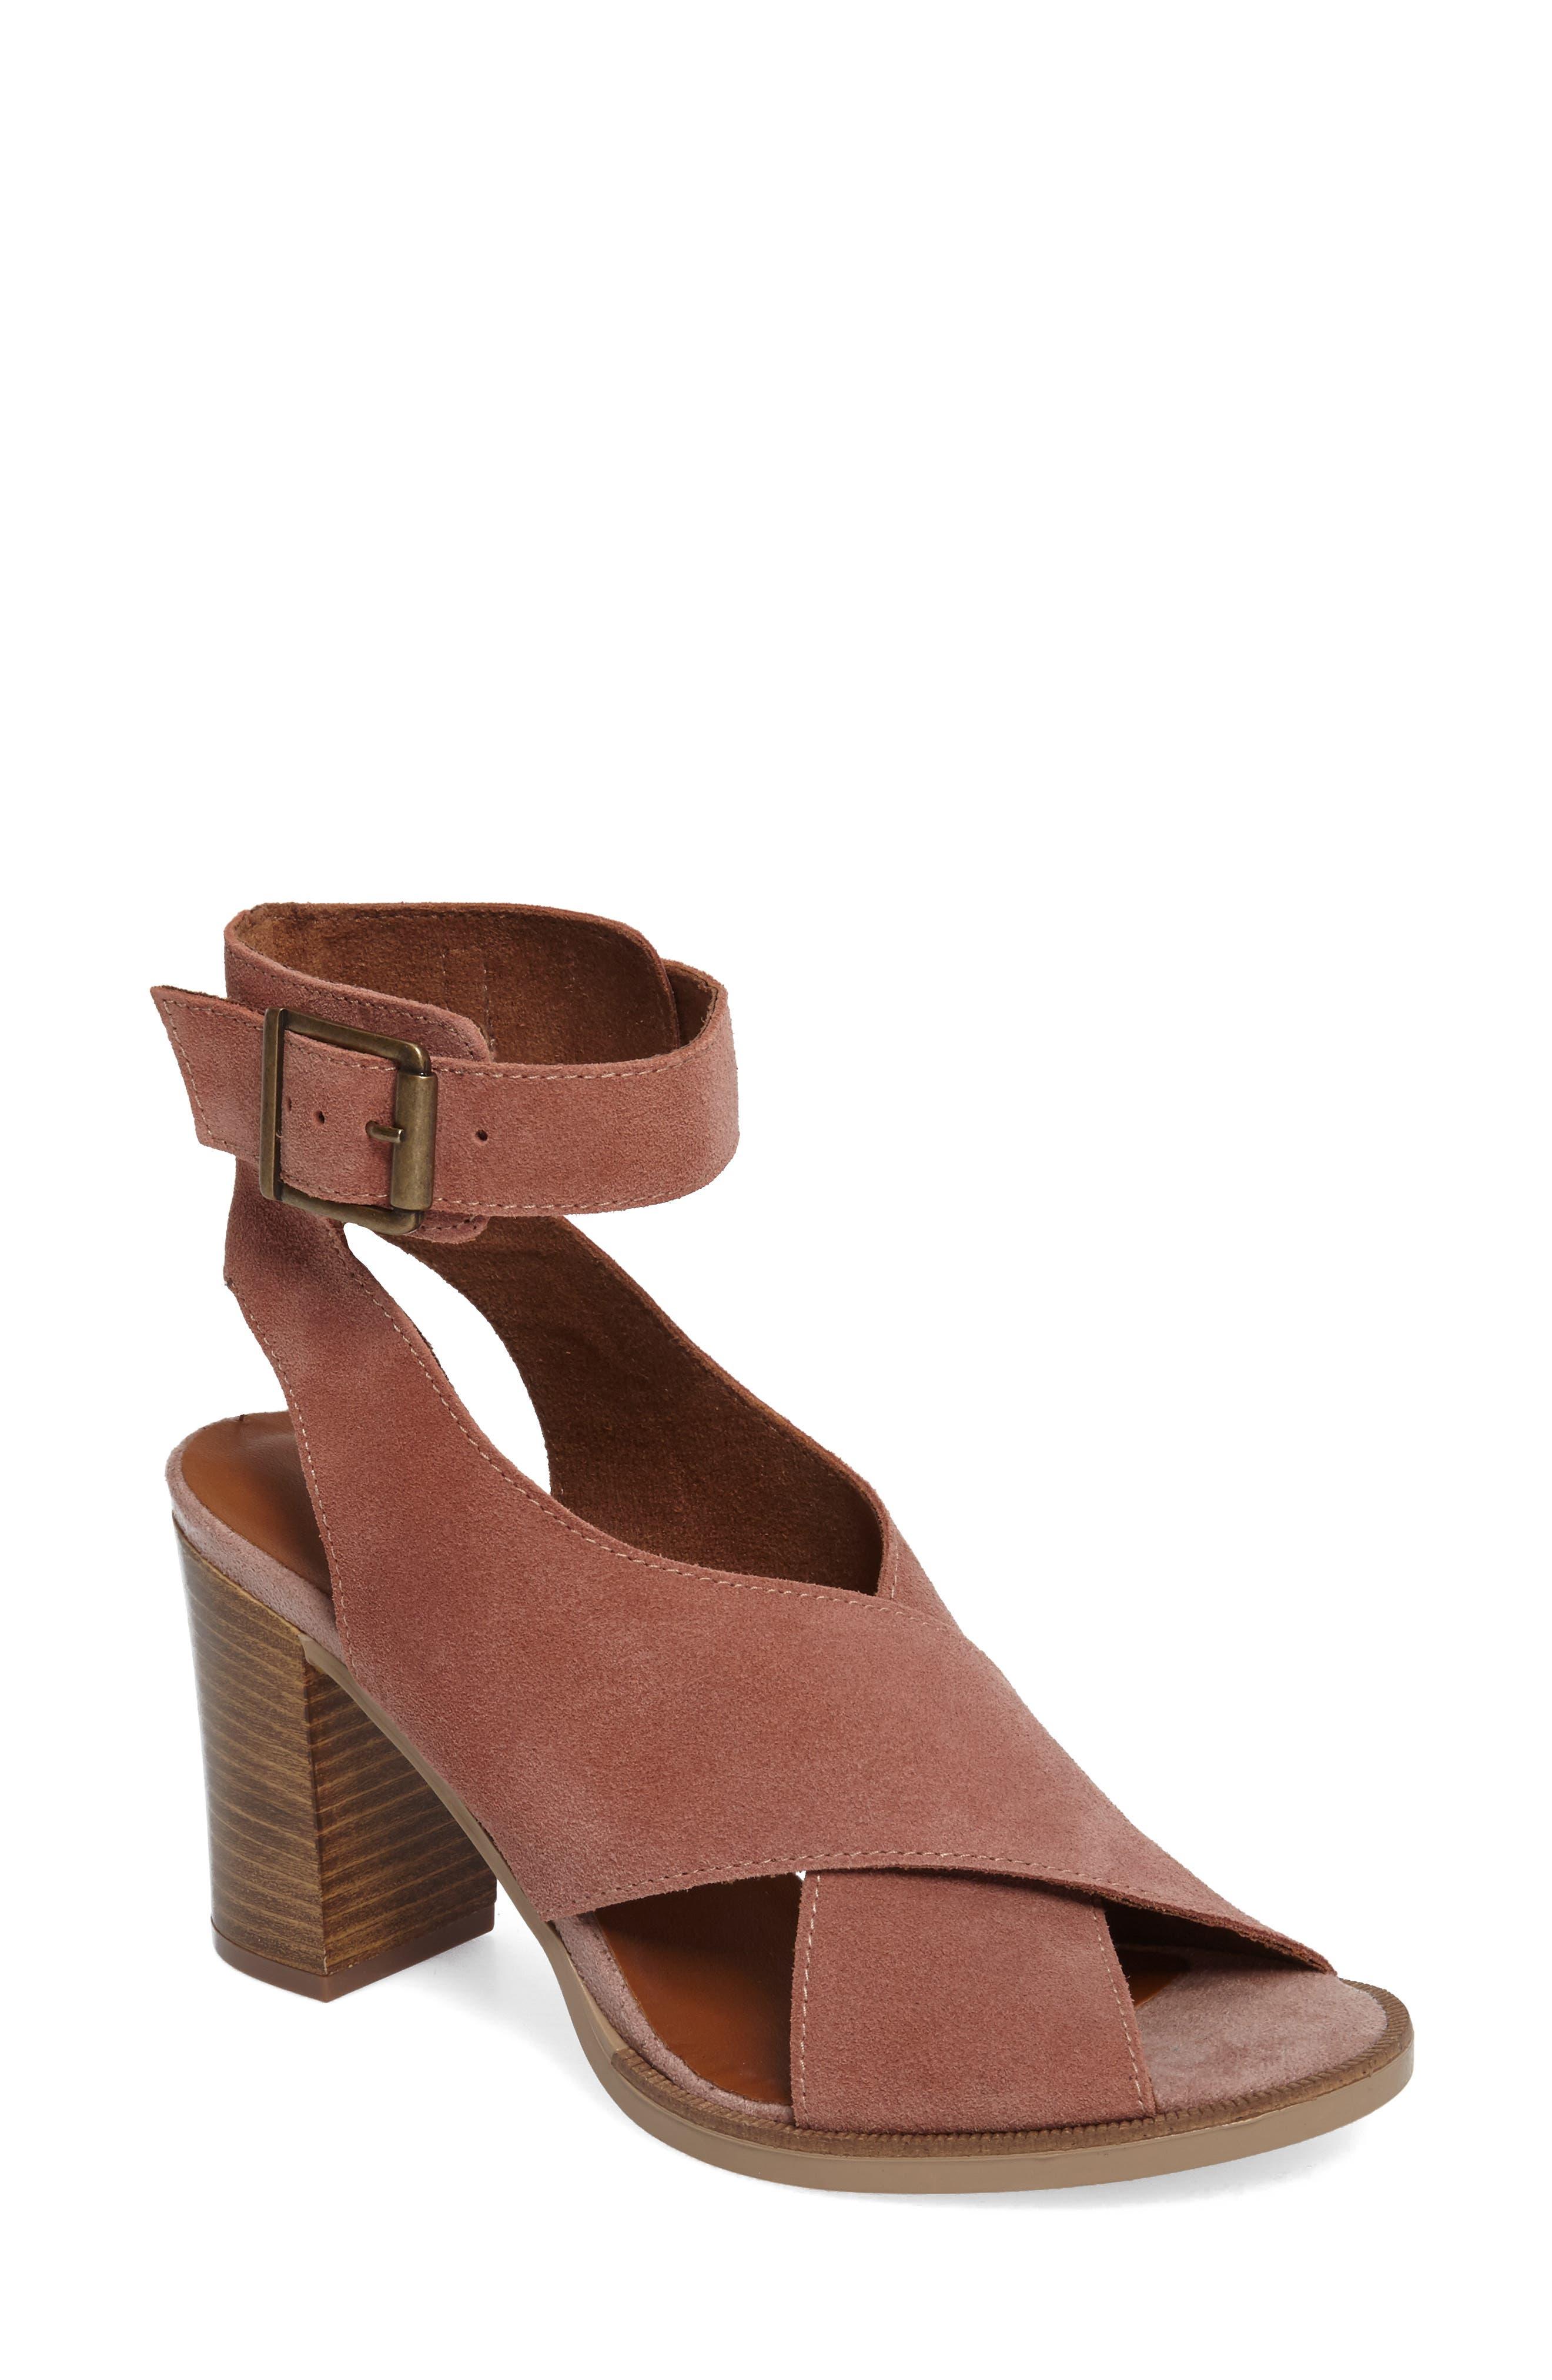 Main Image - Bella Vita Lil Ankle Wrap Sandal (Women)